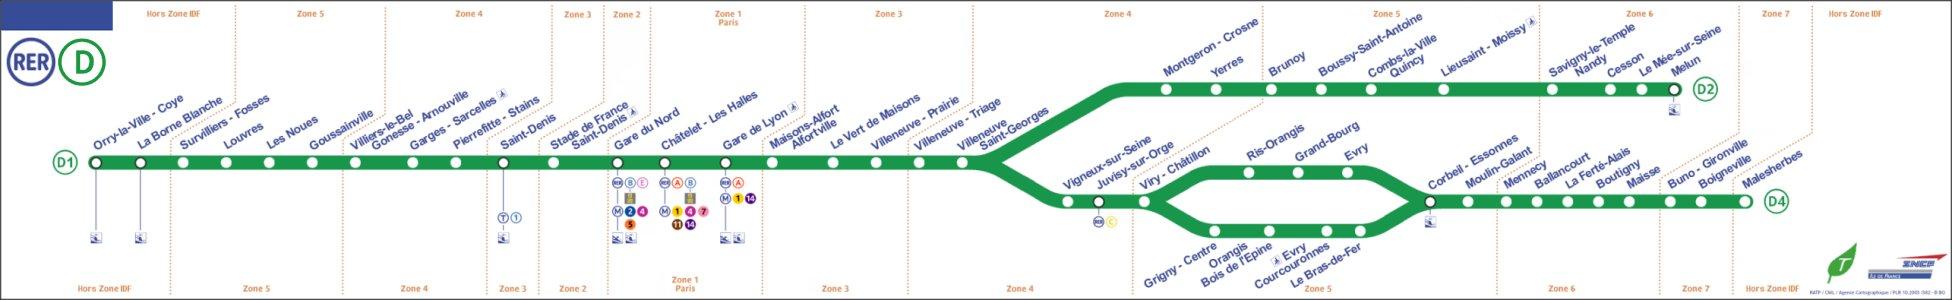 rer-d-station